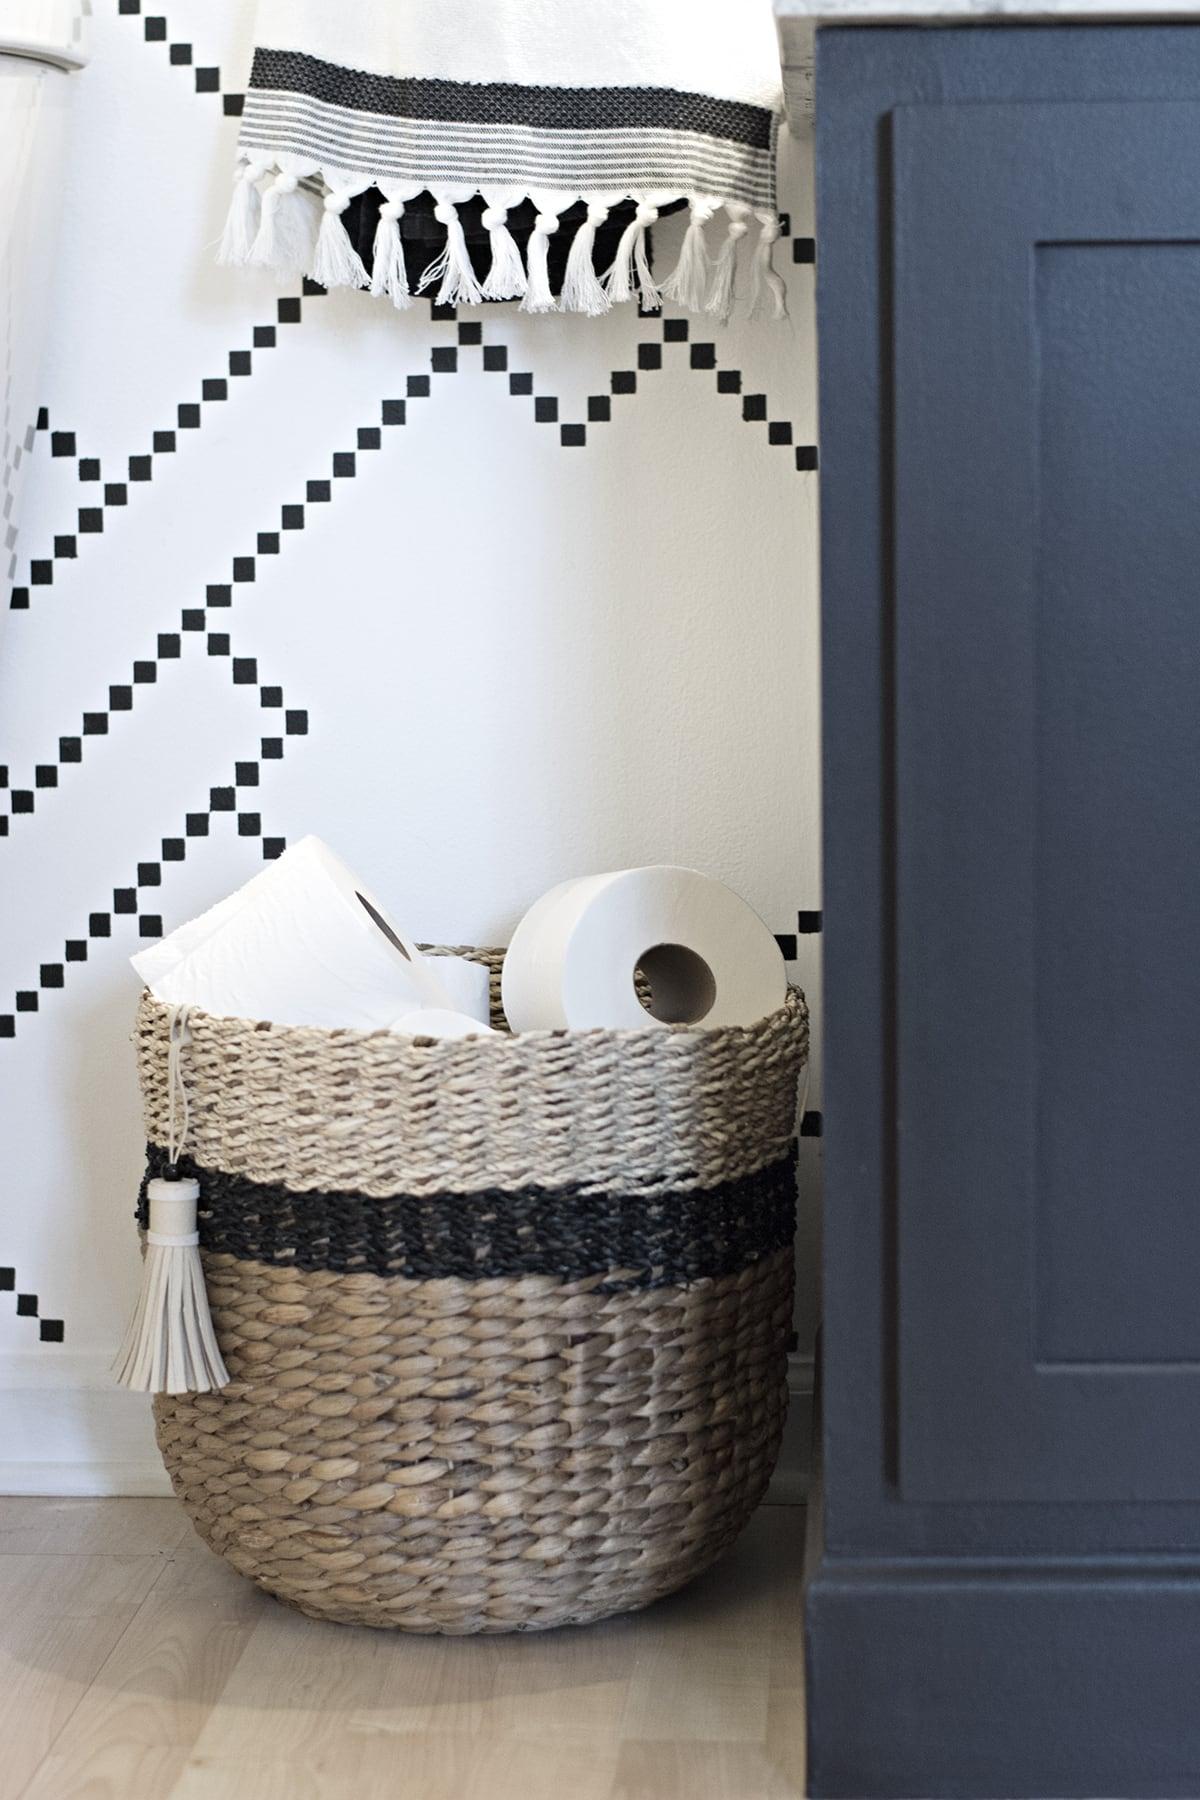 Bathroom basket storage wire storage caddy interdesign for Black and white bathroom paper